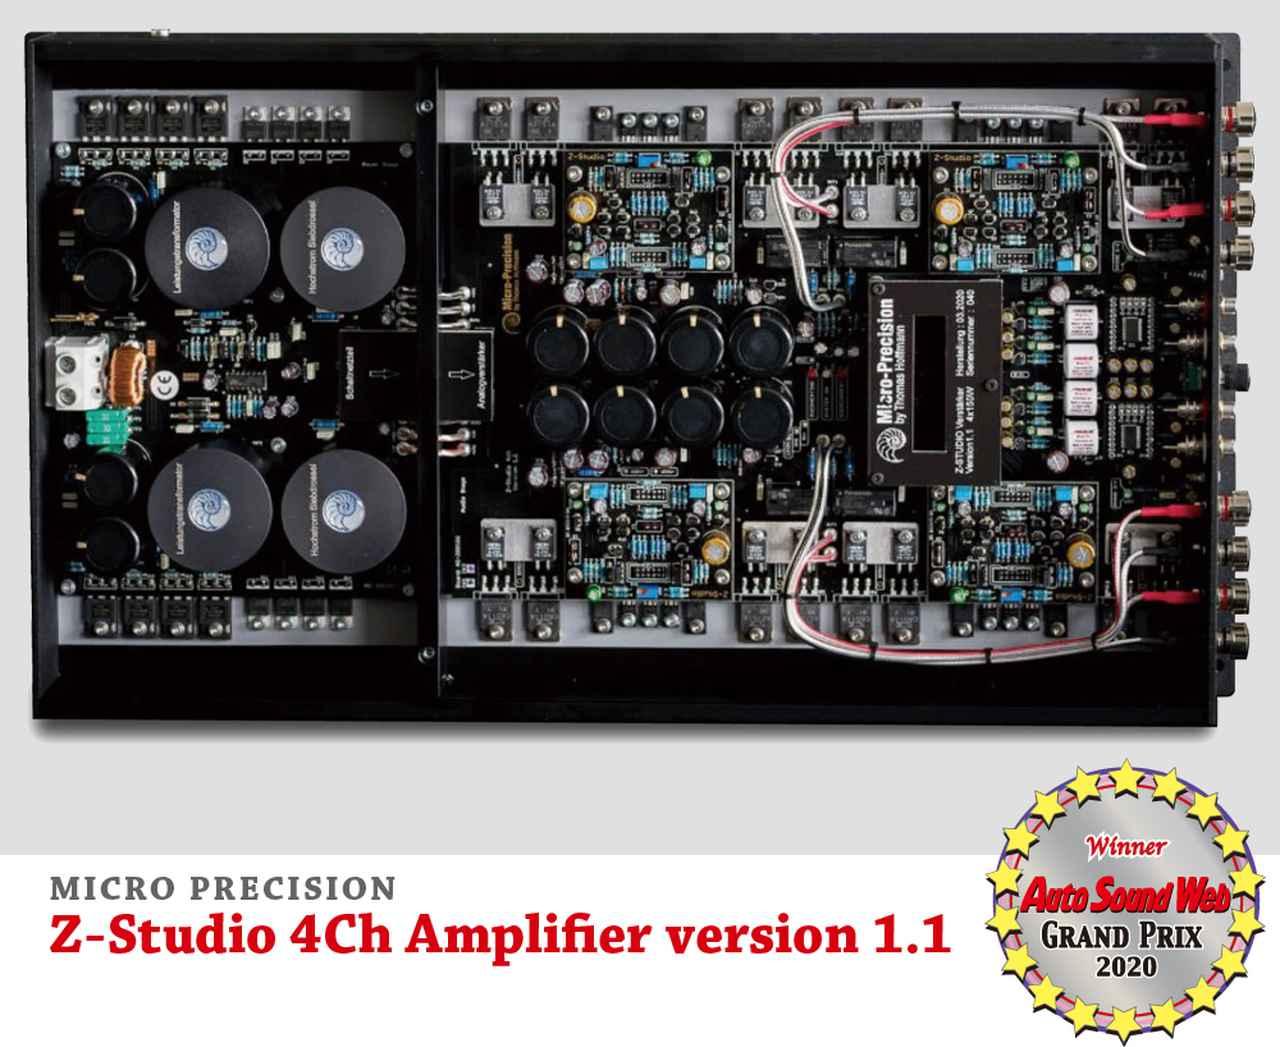 画像2: Auto Sound Web Grand Prix 2020:マイクロプレシジョンZ-Studio 4Ch Amplifier version 1.1がグランプリを獲得した理由